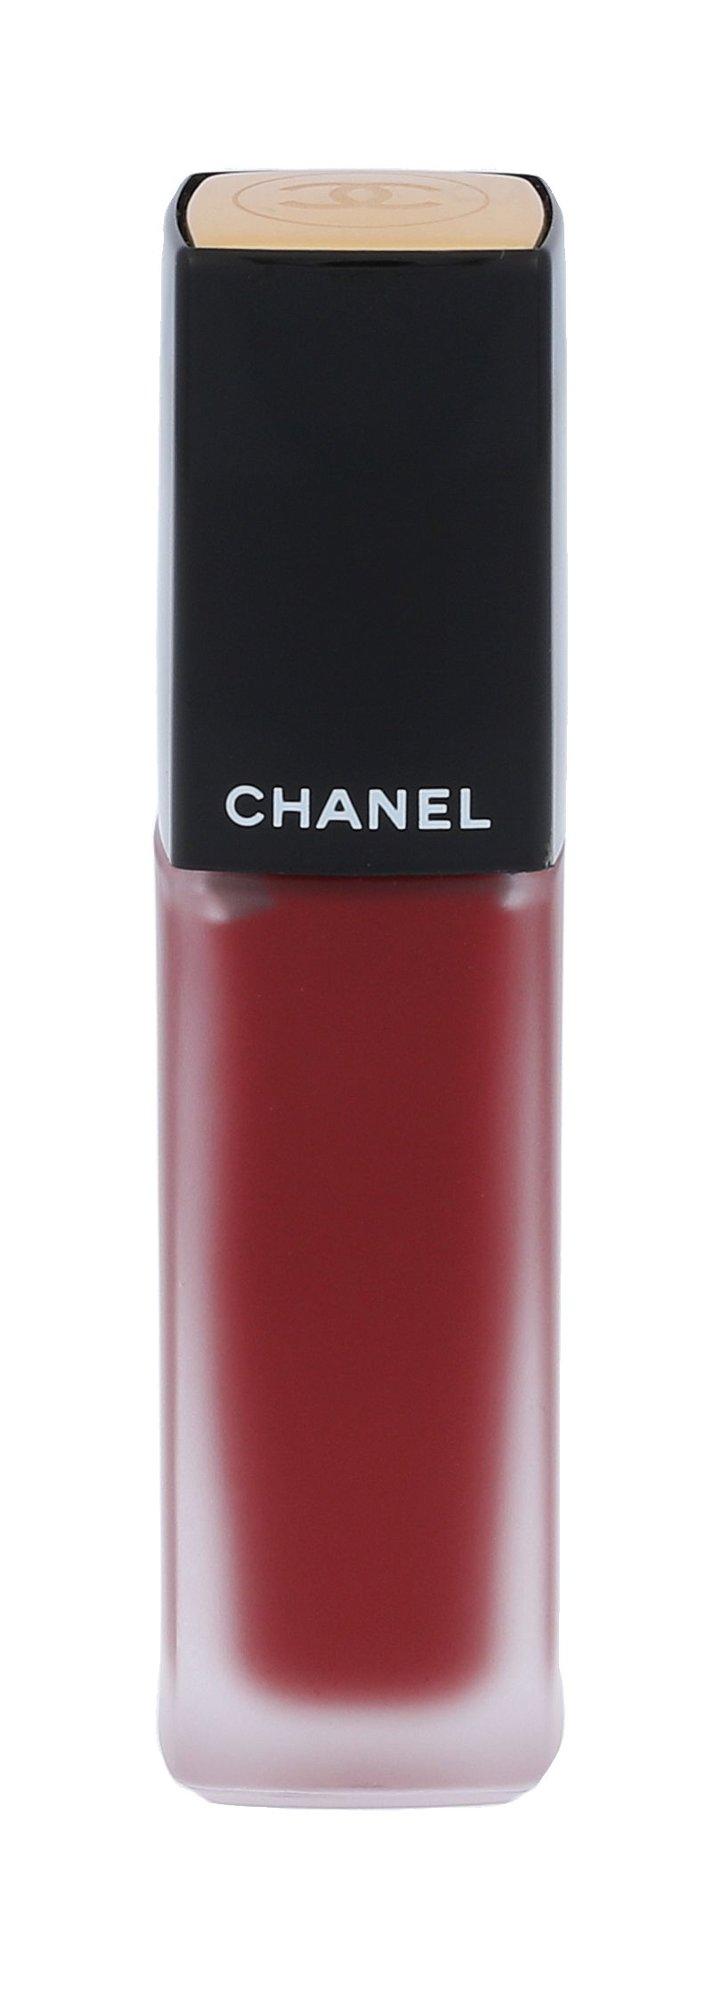 Chanel Rouge Allure Cosmetic 6ml 154 Expérimenté